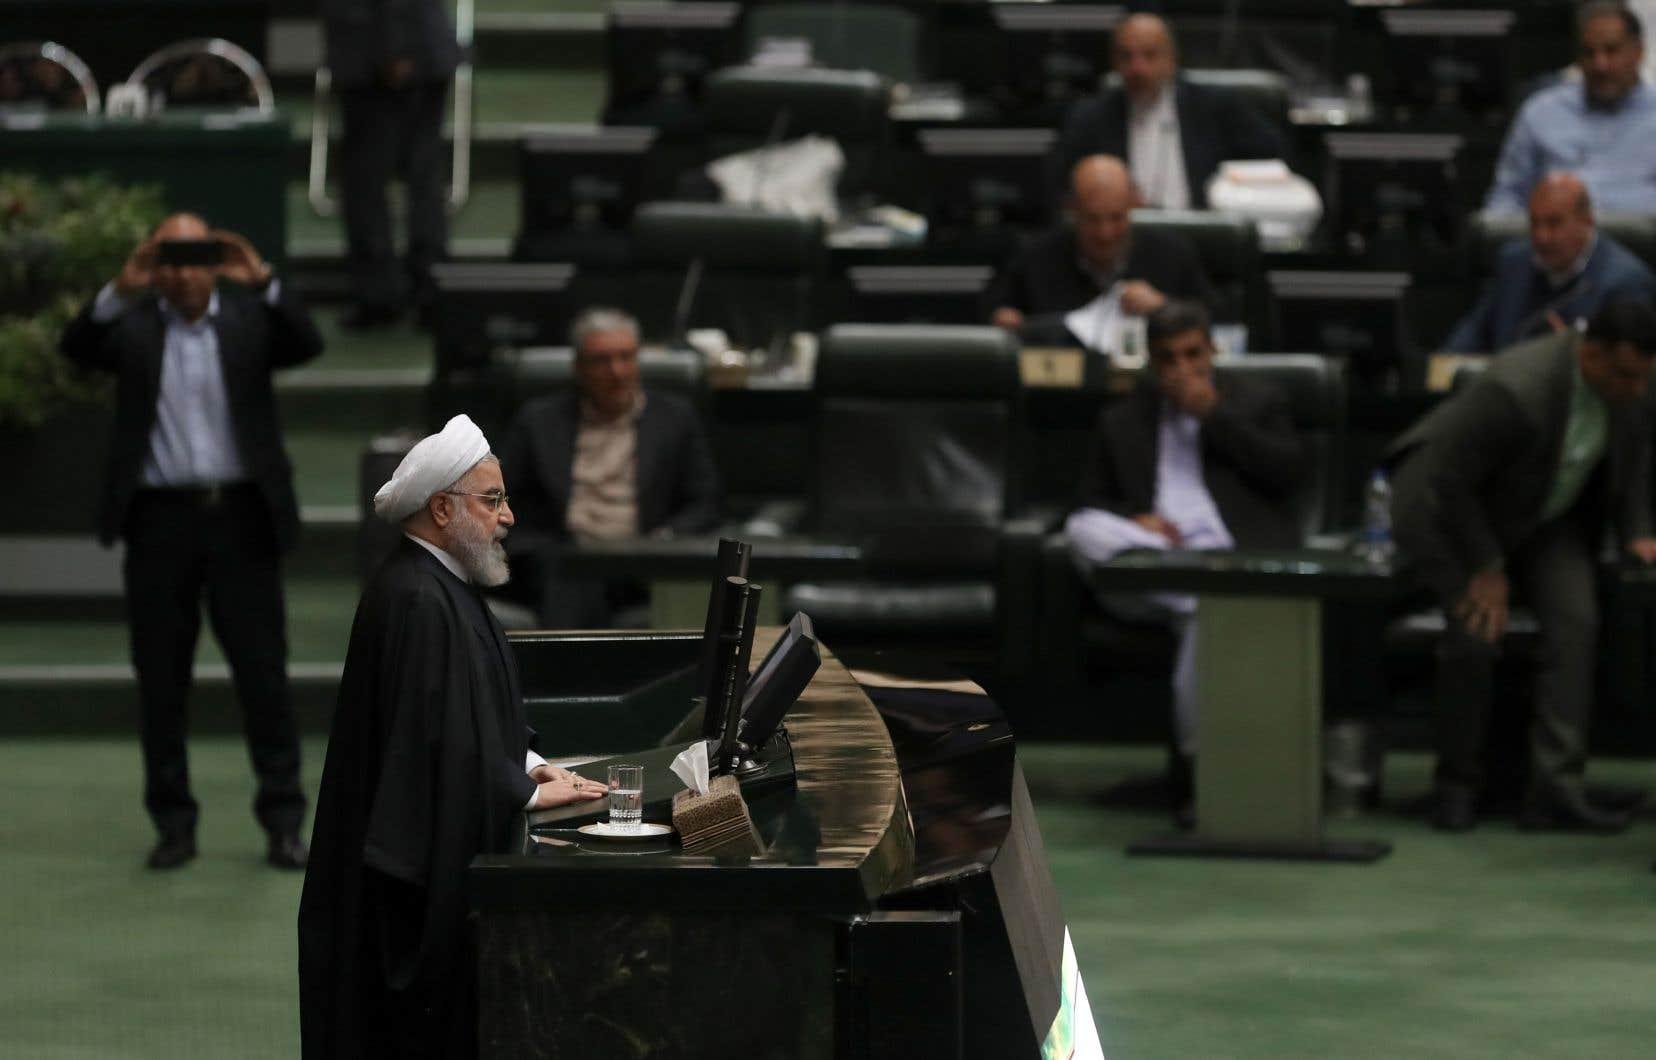 Le budget présenté au Parlement par le président Hassan Rohani comprend selon lui un «investissement» russe de cinq milliards de dollars en train d'être finalisé.